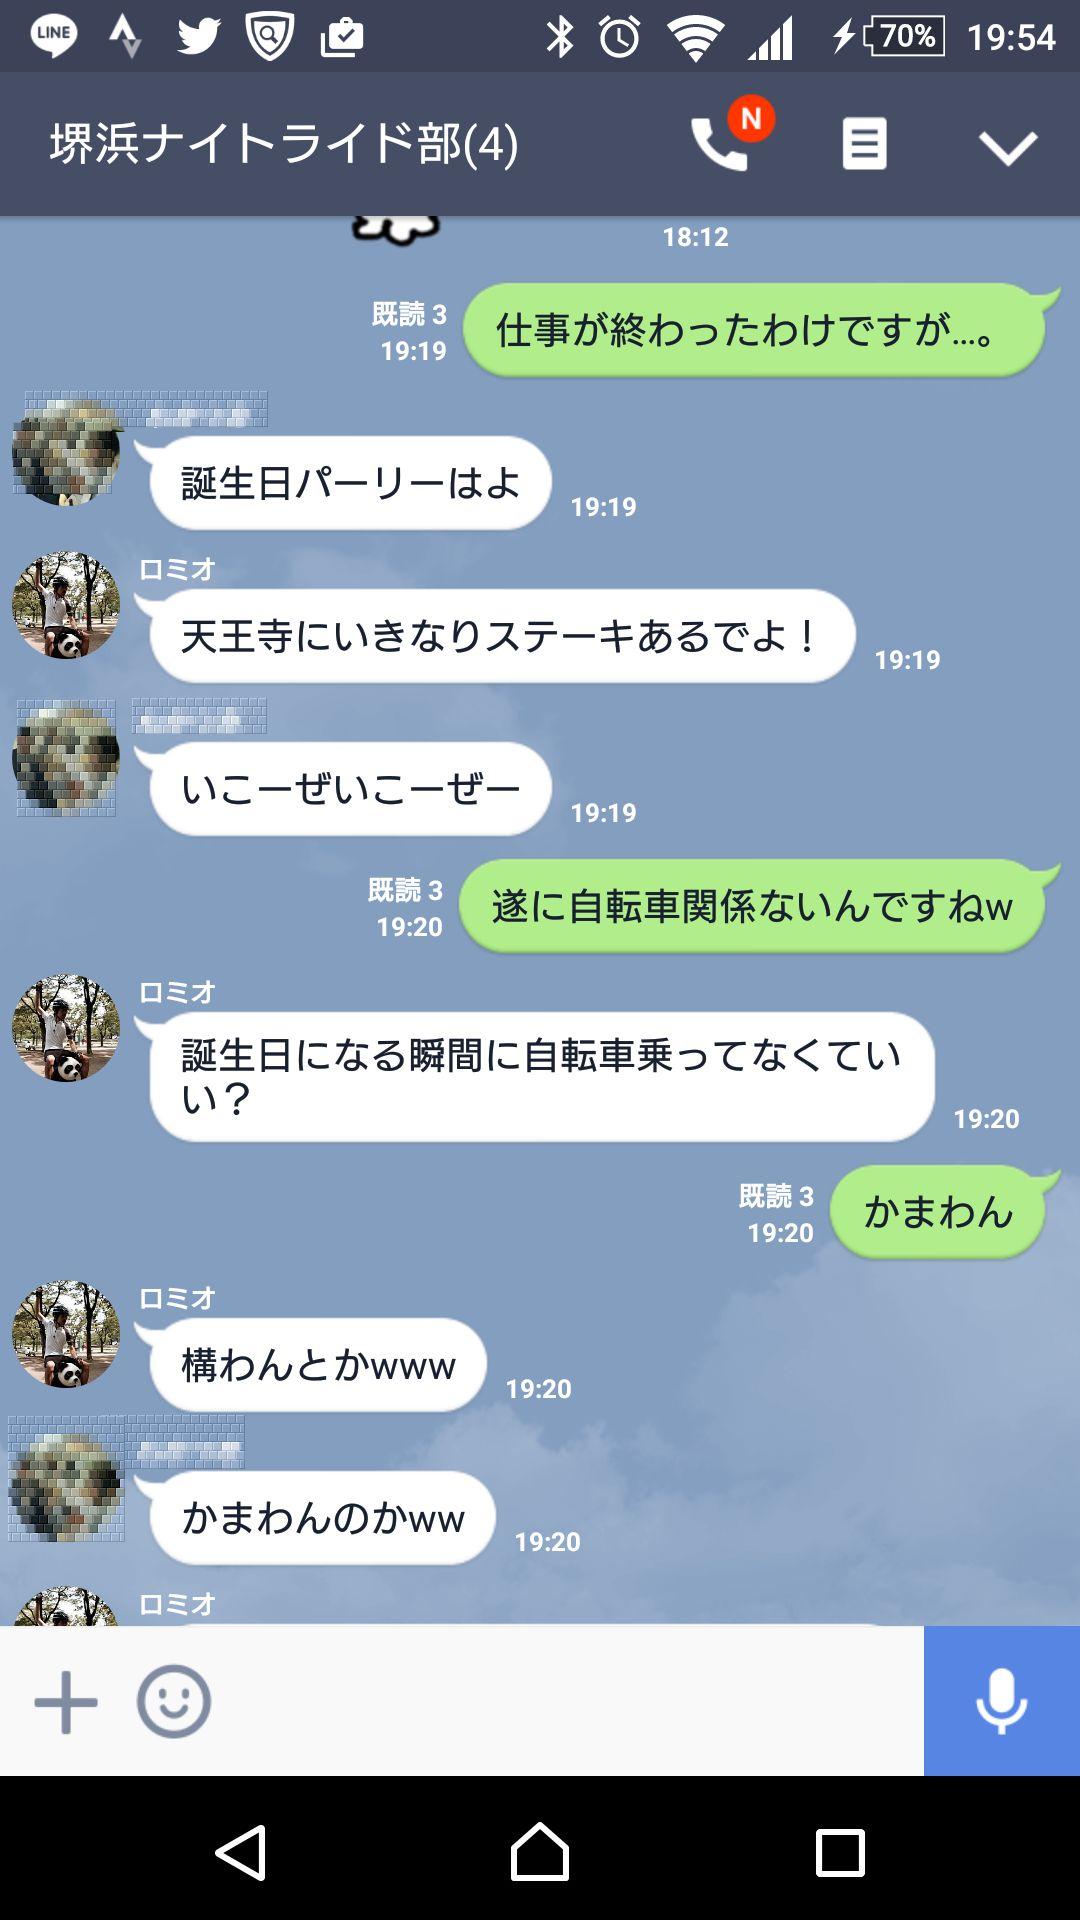 Screenshot_20160604-195441.jpg